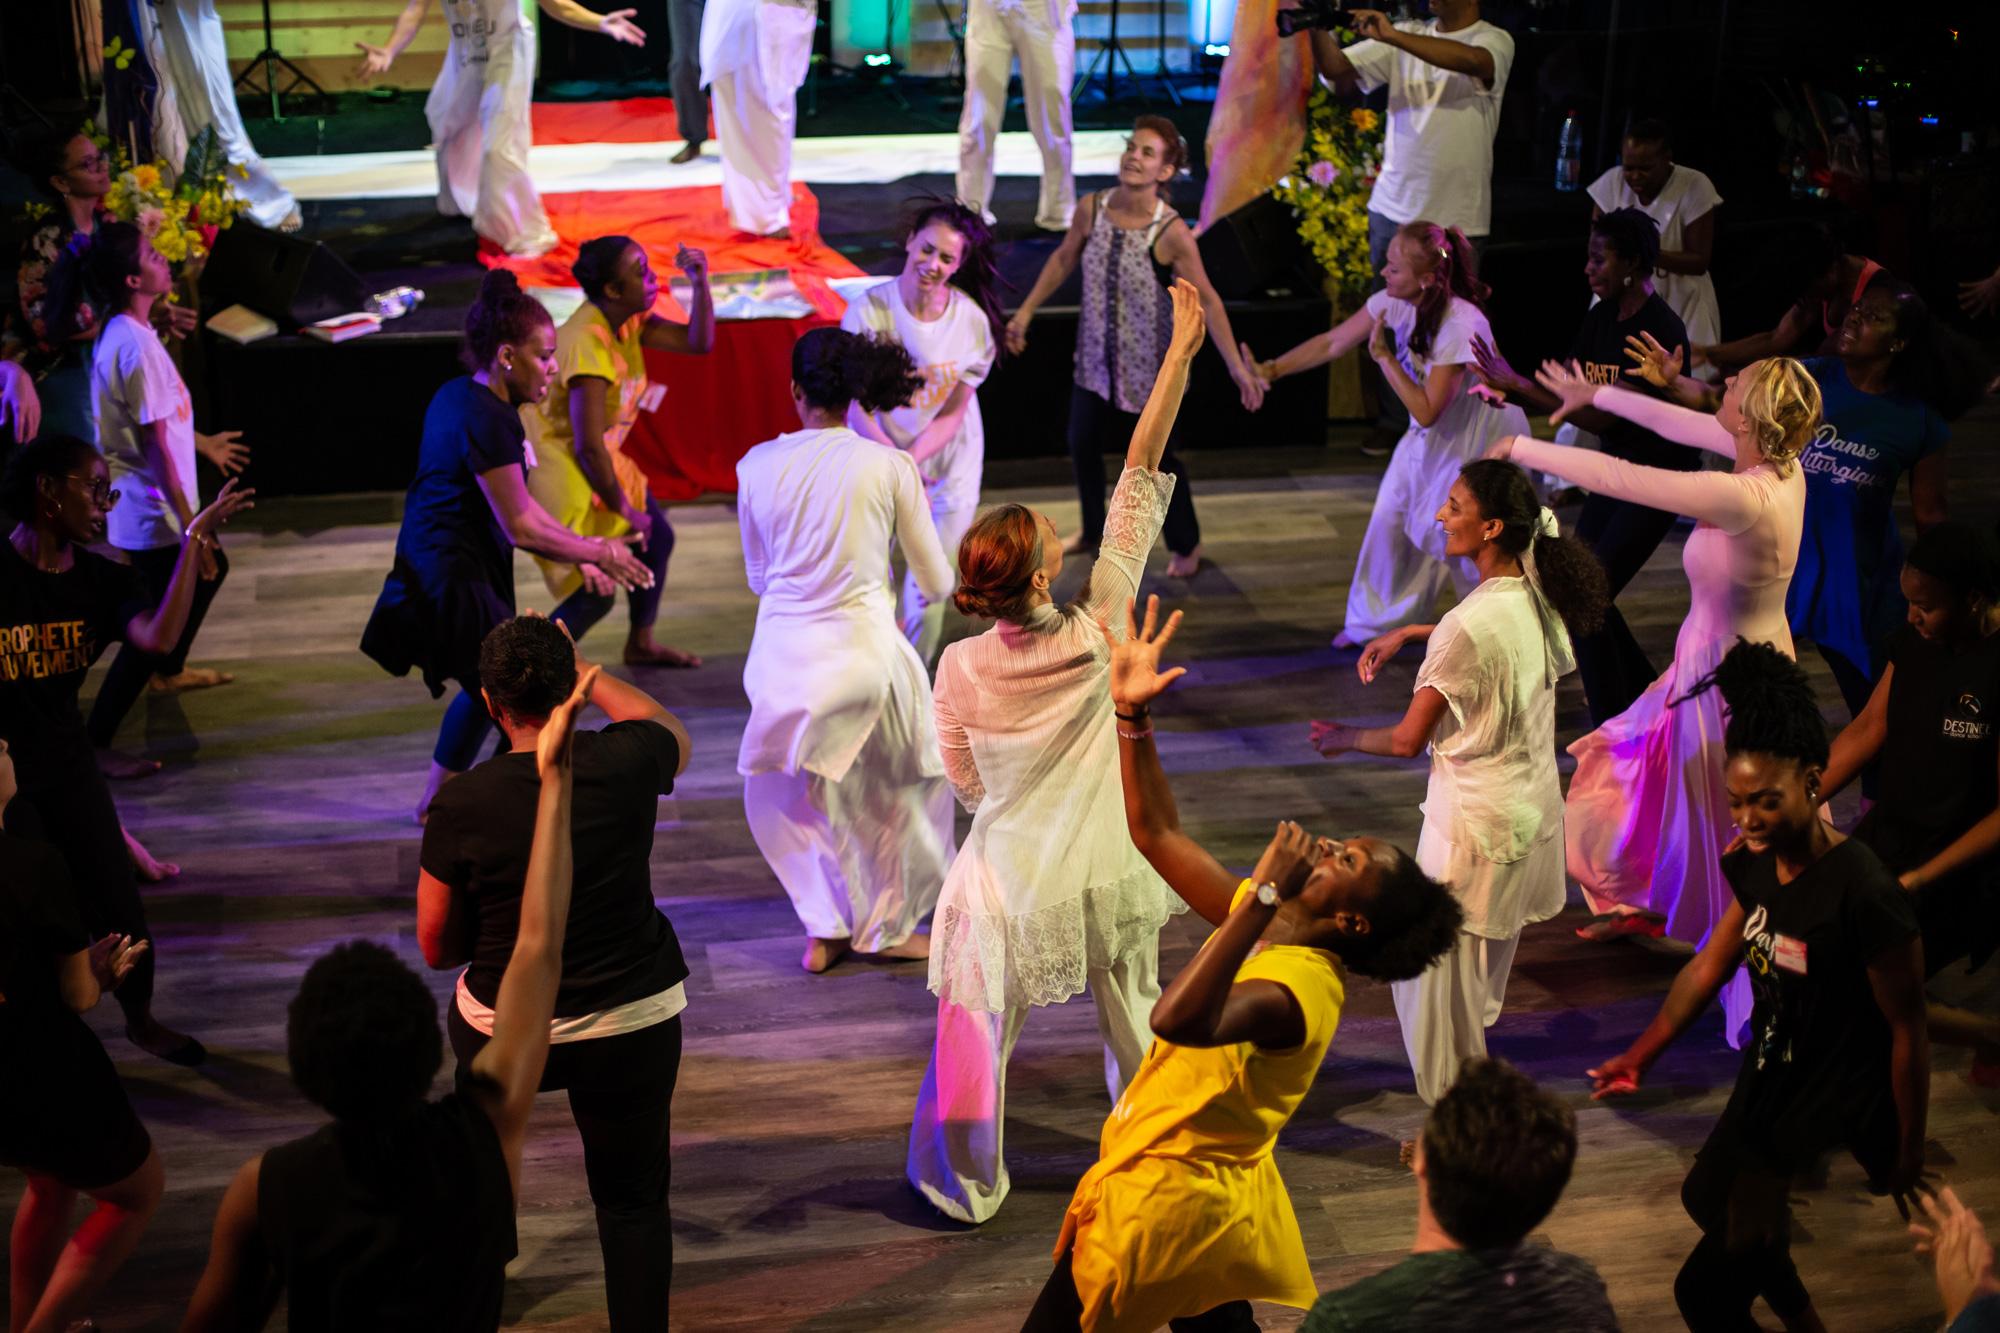 Destinée Dance School - Cours à la carte